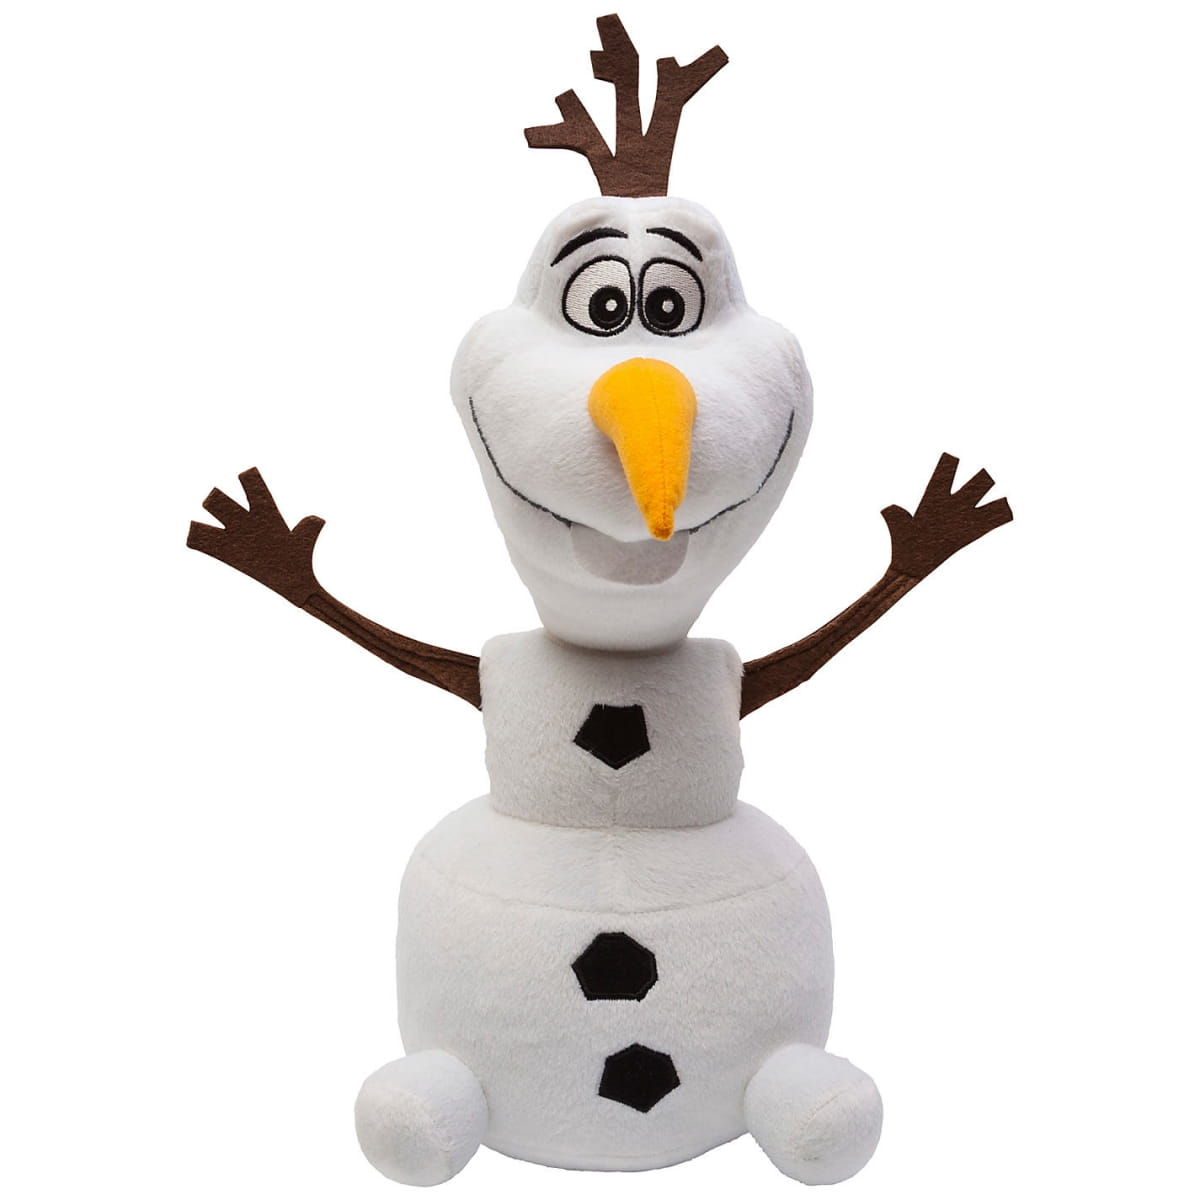 Кукла-снеговик со звуковыми эффектами Disney Princess 74861 Холодное сердце Олаф мягконабивной (Mattel)